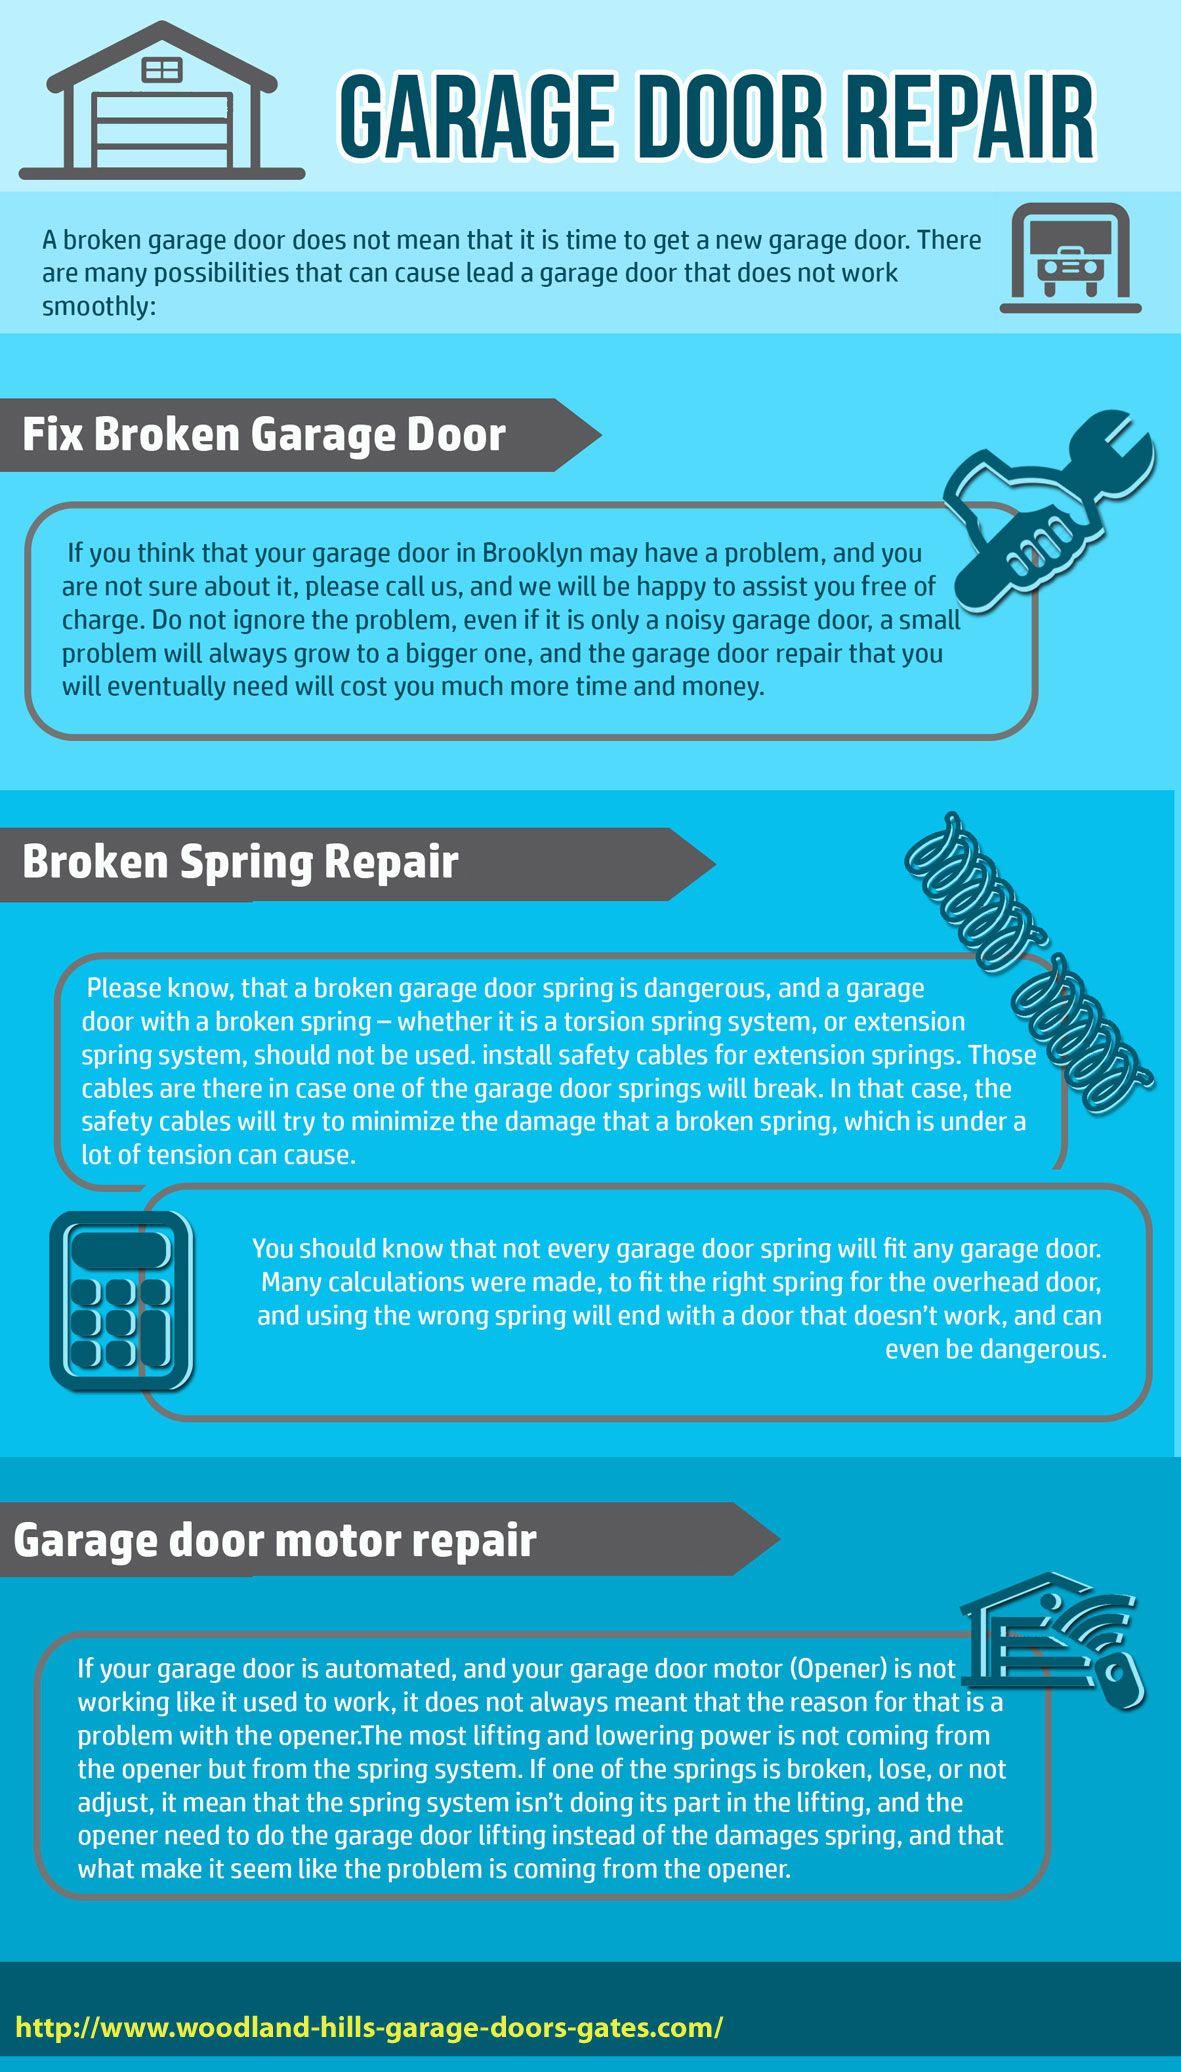 Garage Door Repairs Woodland Hills, Infographic